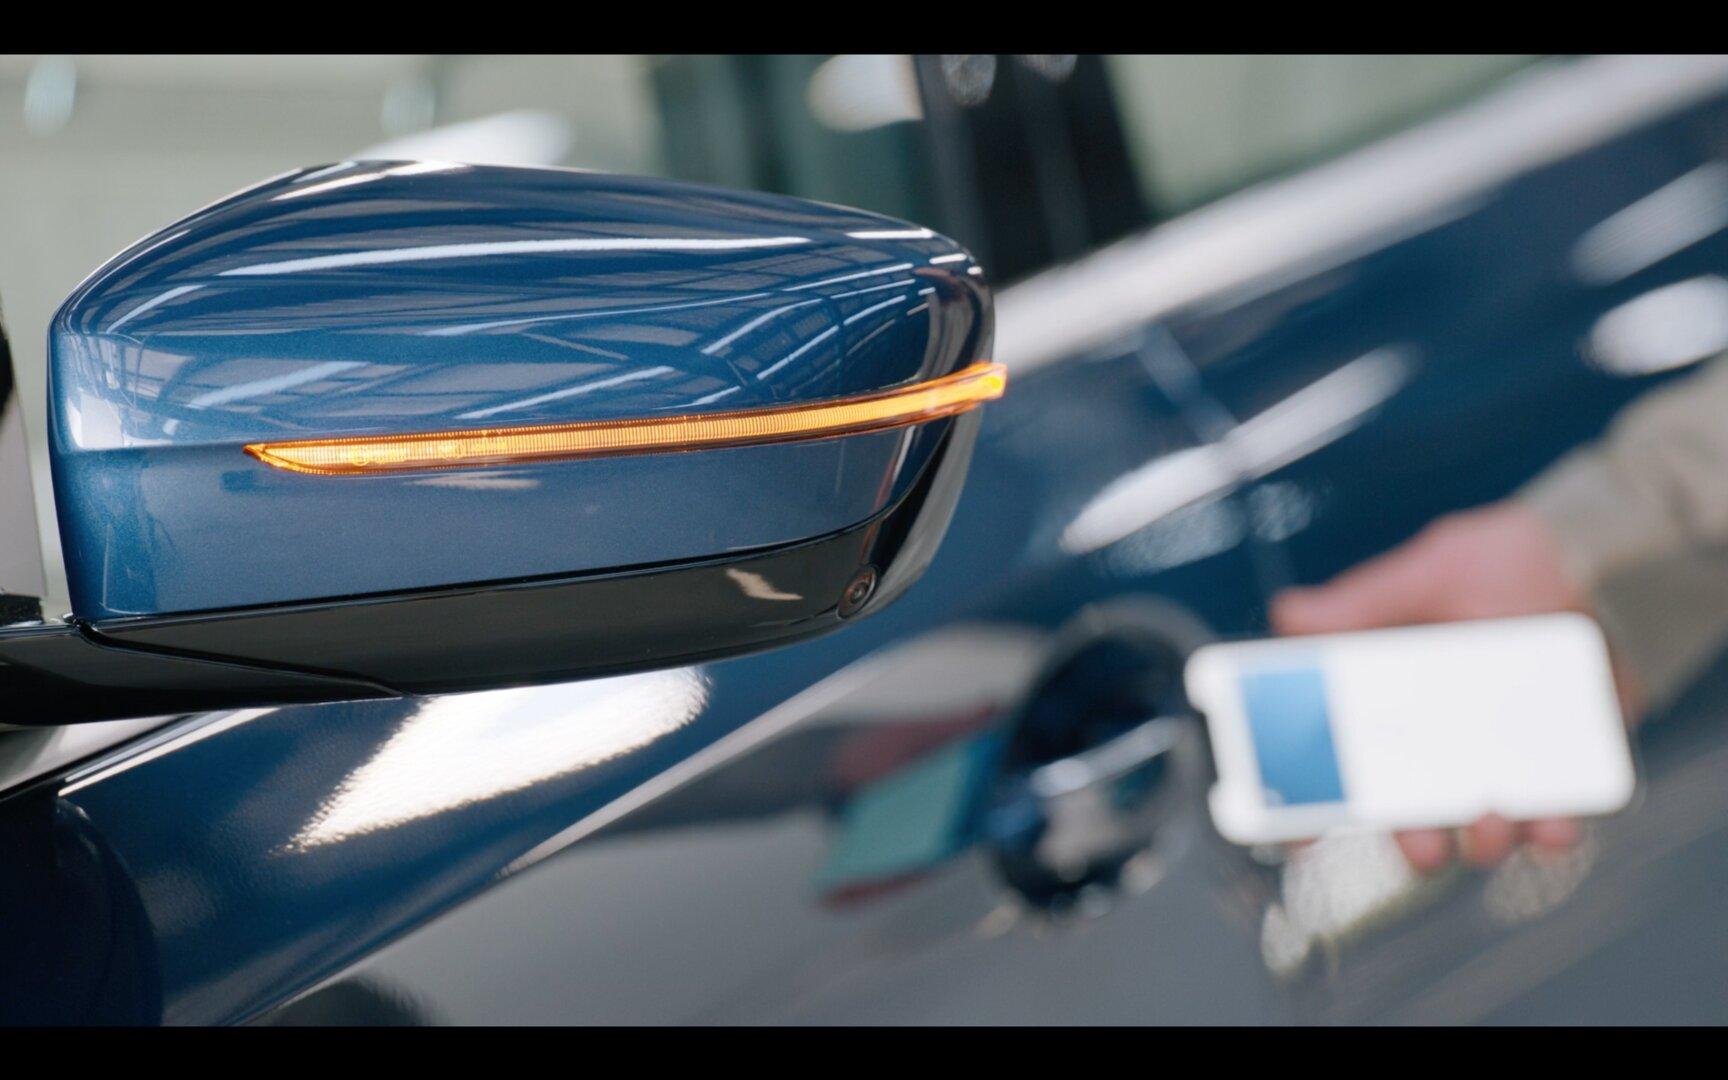 Das iPhone wird zum Fahrzeugschlüssel, zuerst im BMW 5er